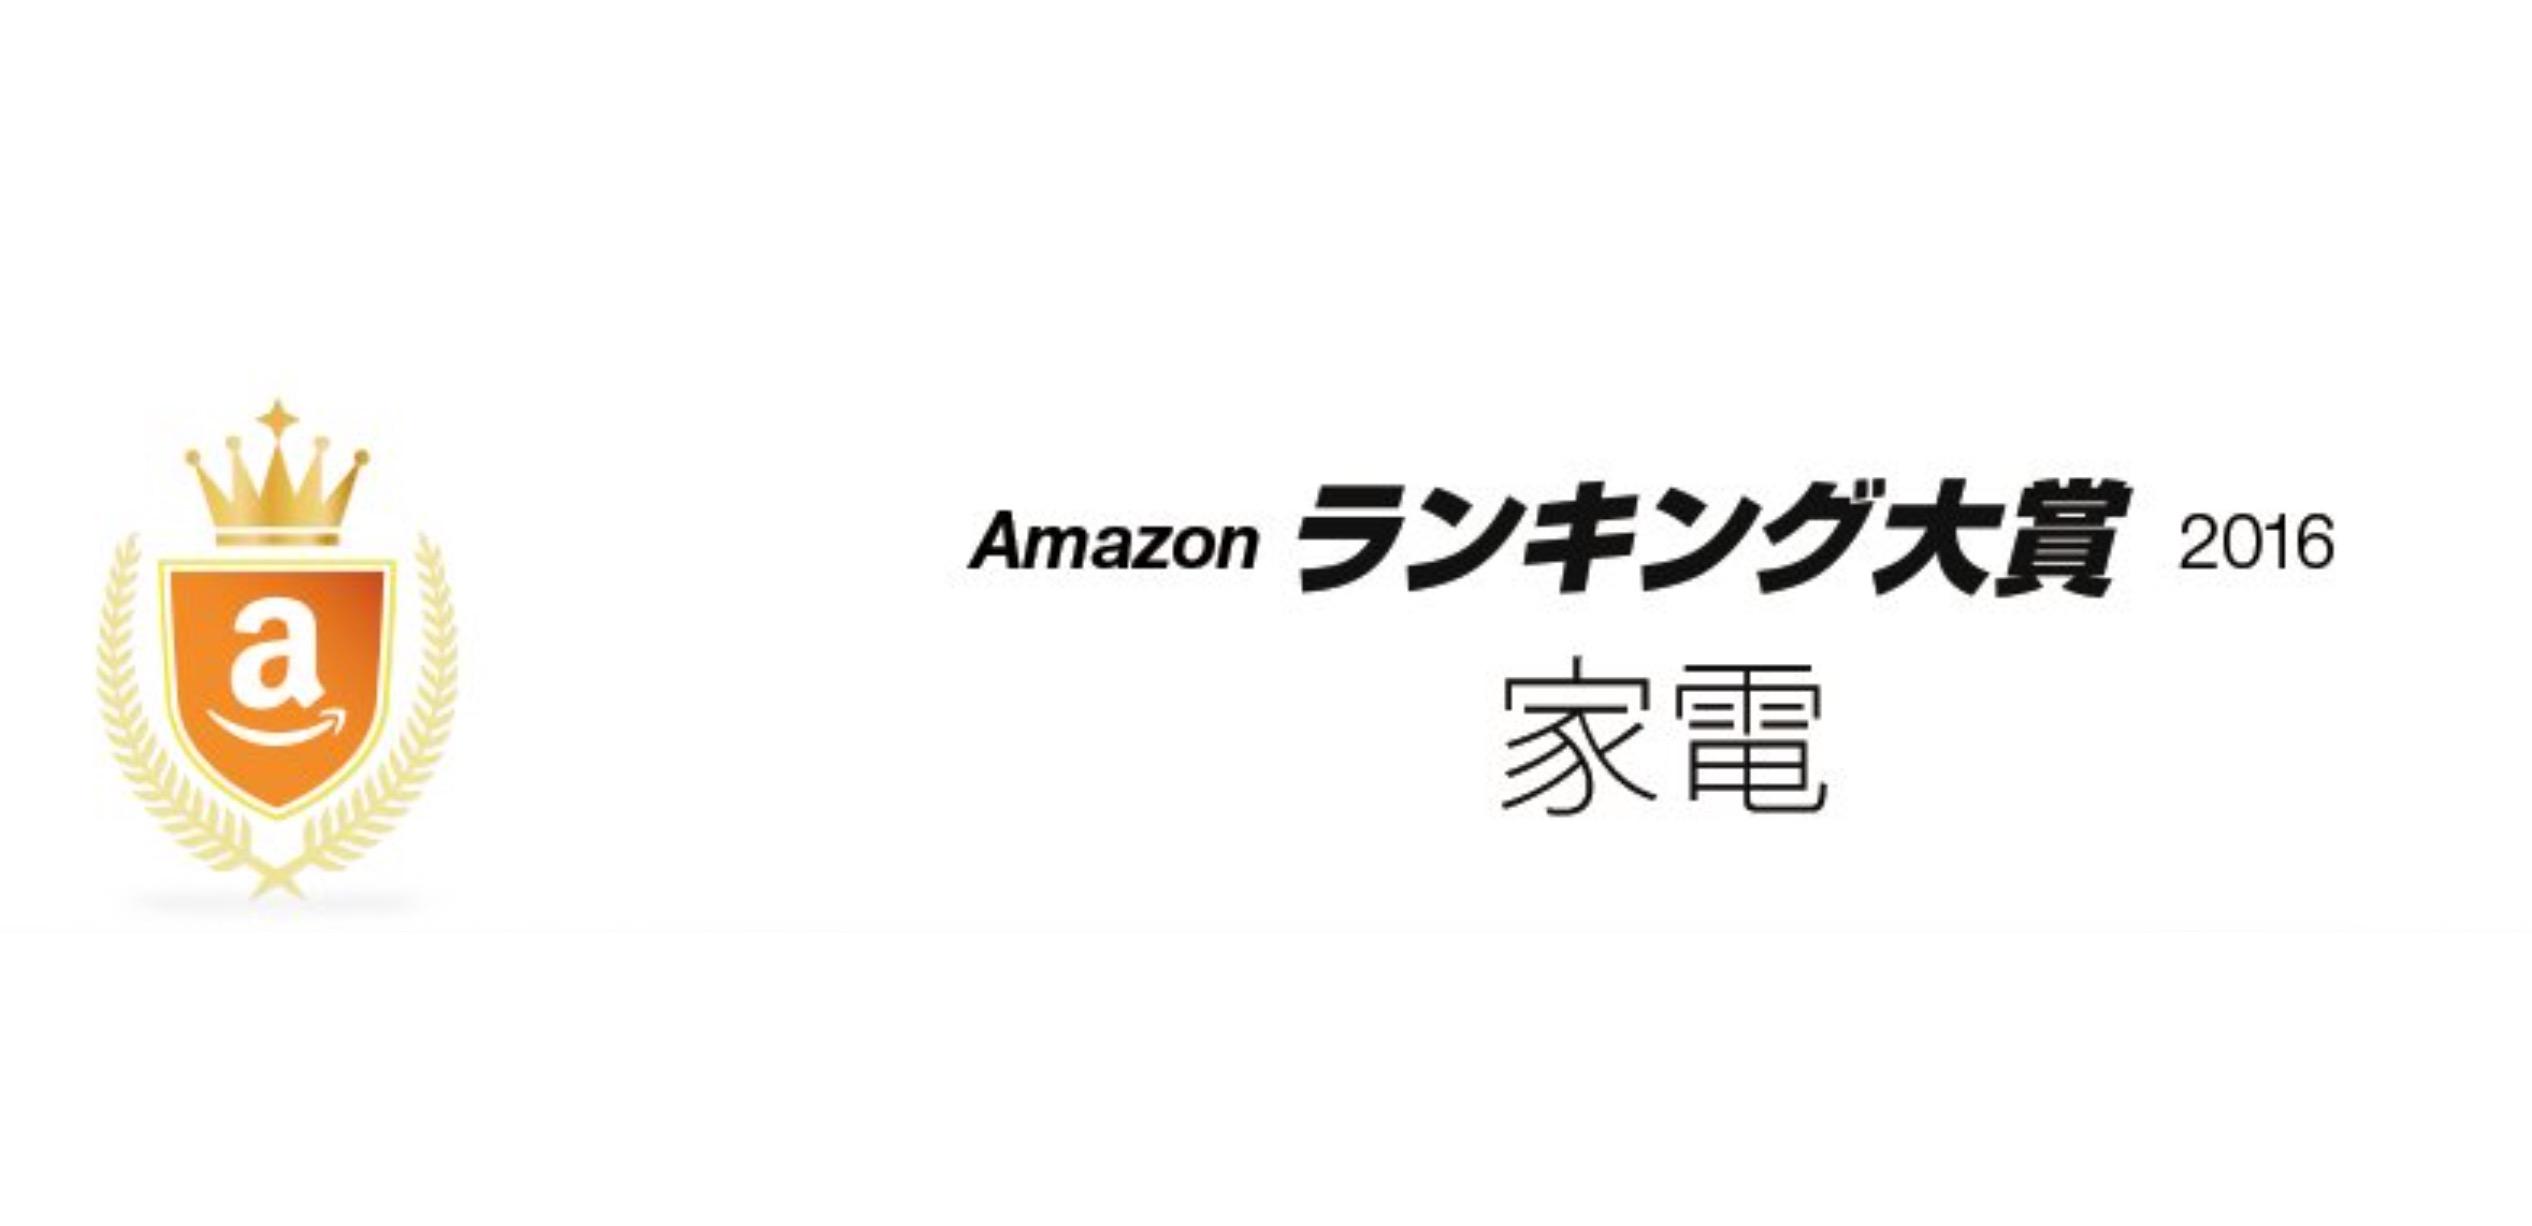 AMAZON.JP 熱銷商品推薦 — 2016年廚房電器大賞